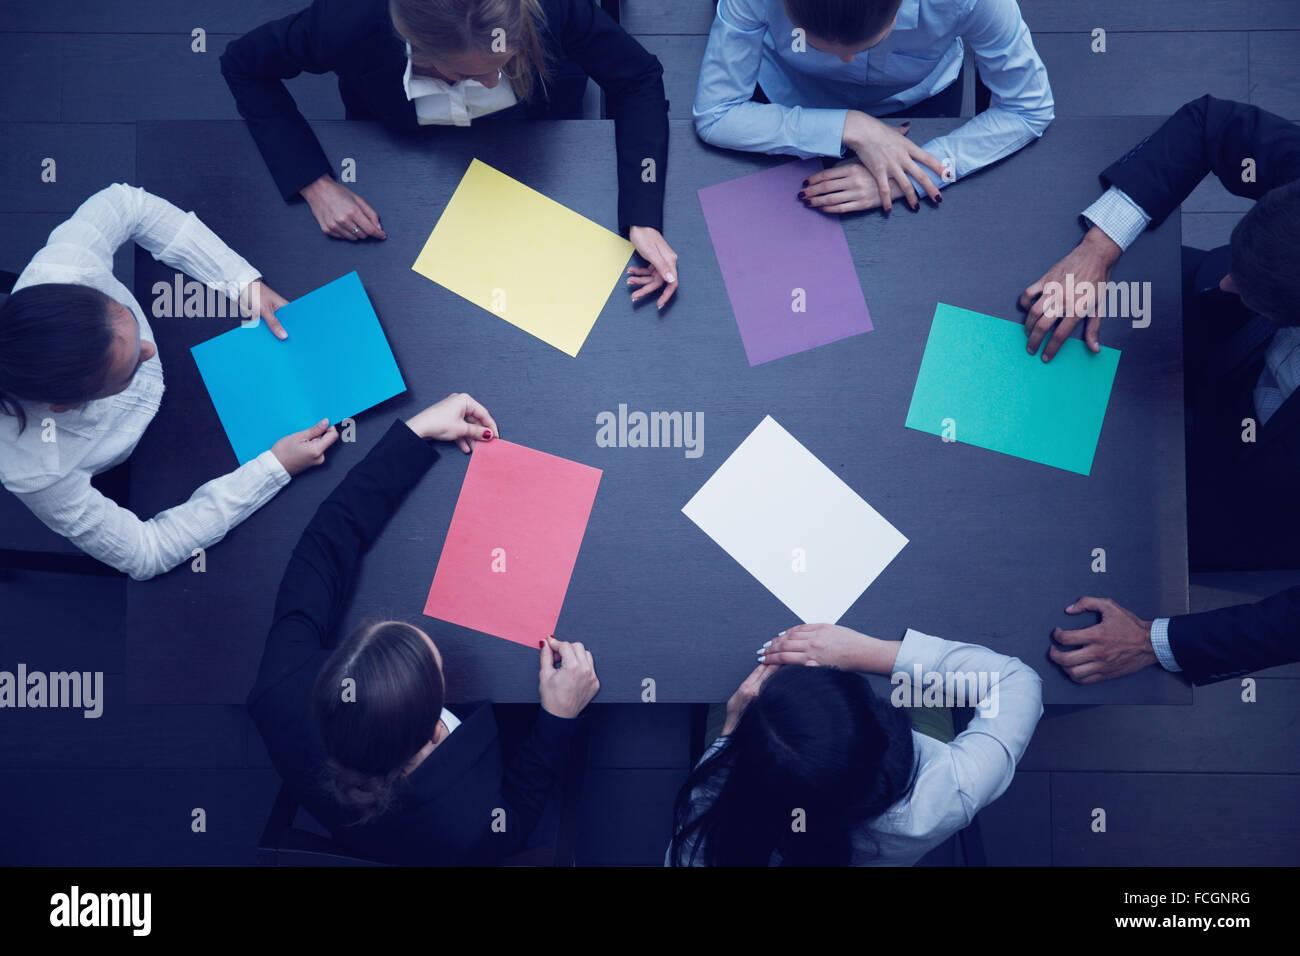 Un gruppo di persone di affari con vuoto di carta colorata, nuovo concetto di progetto Immagini Stock